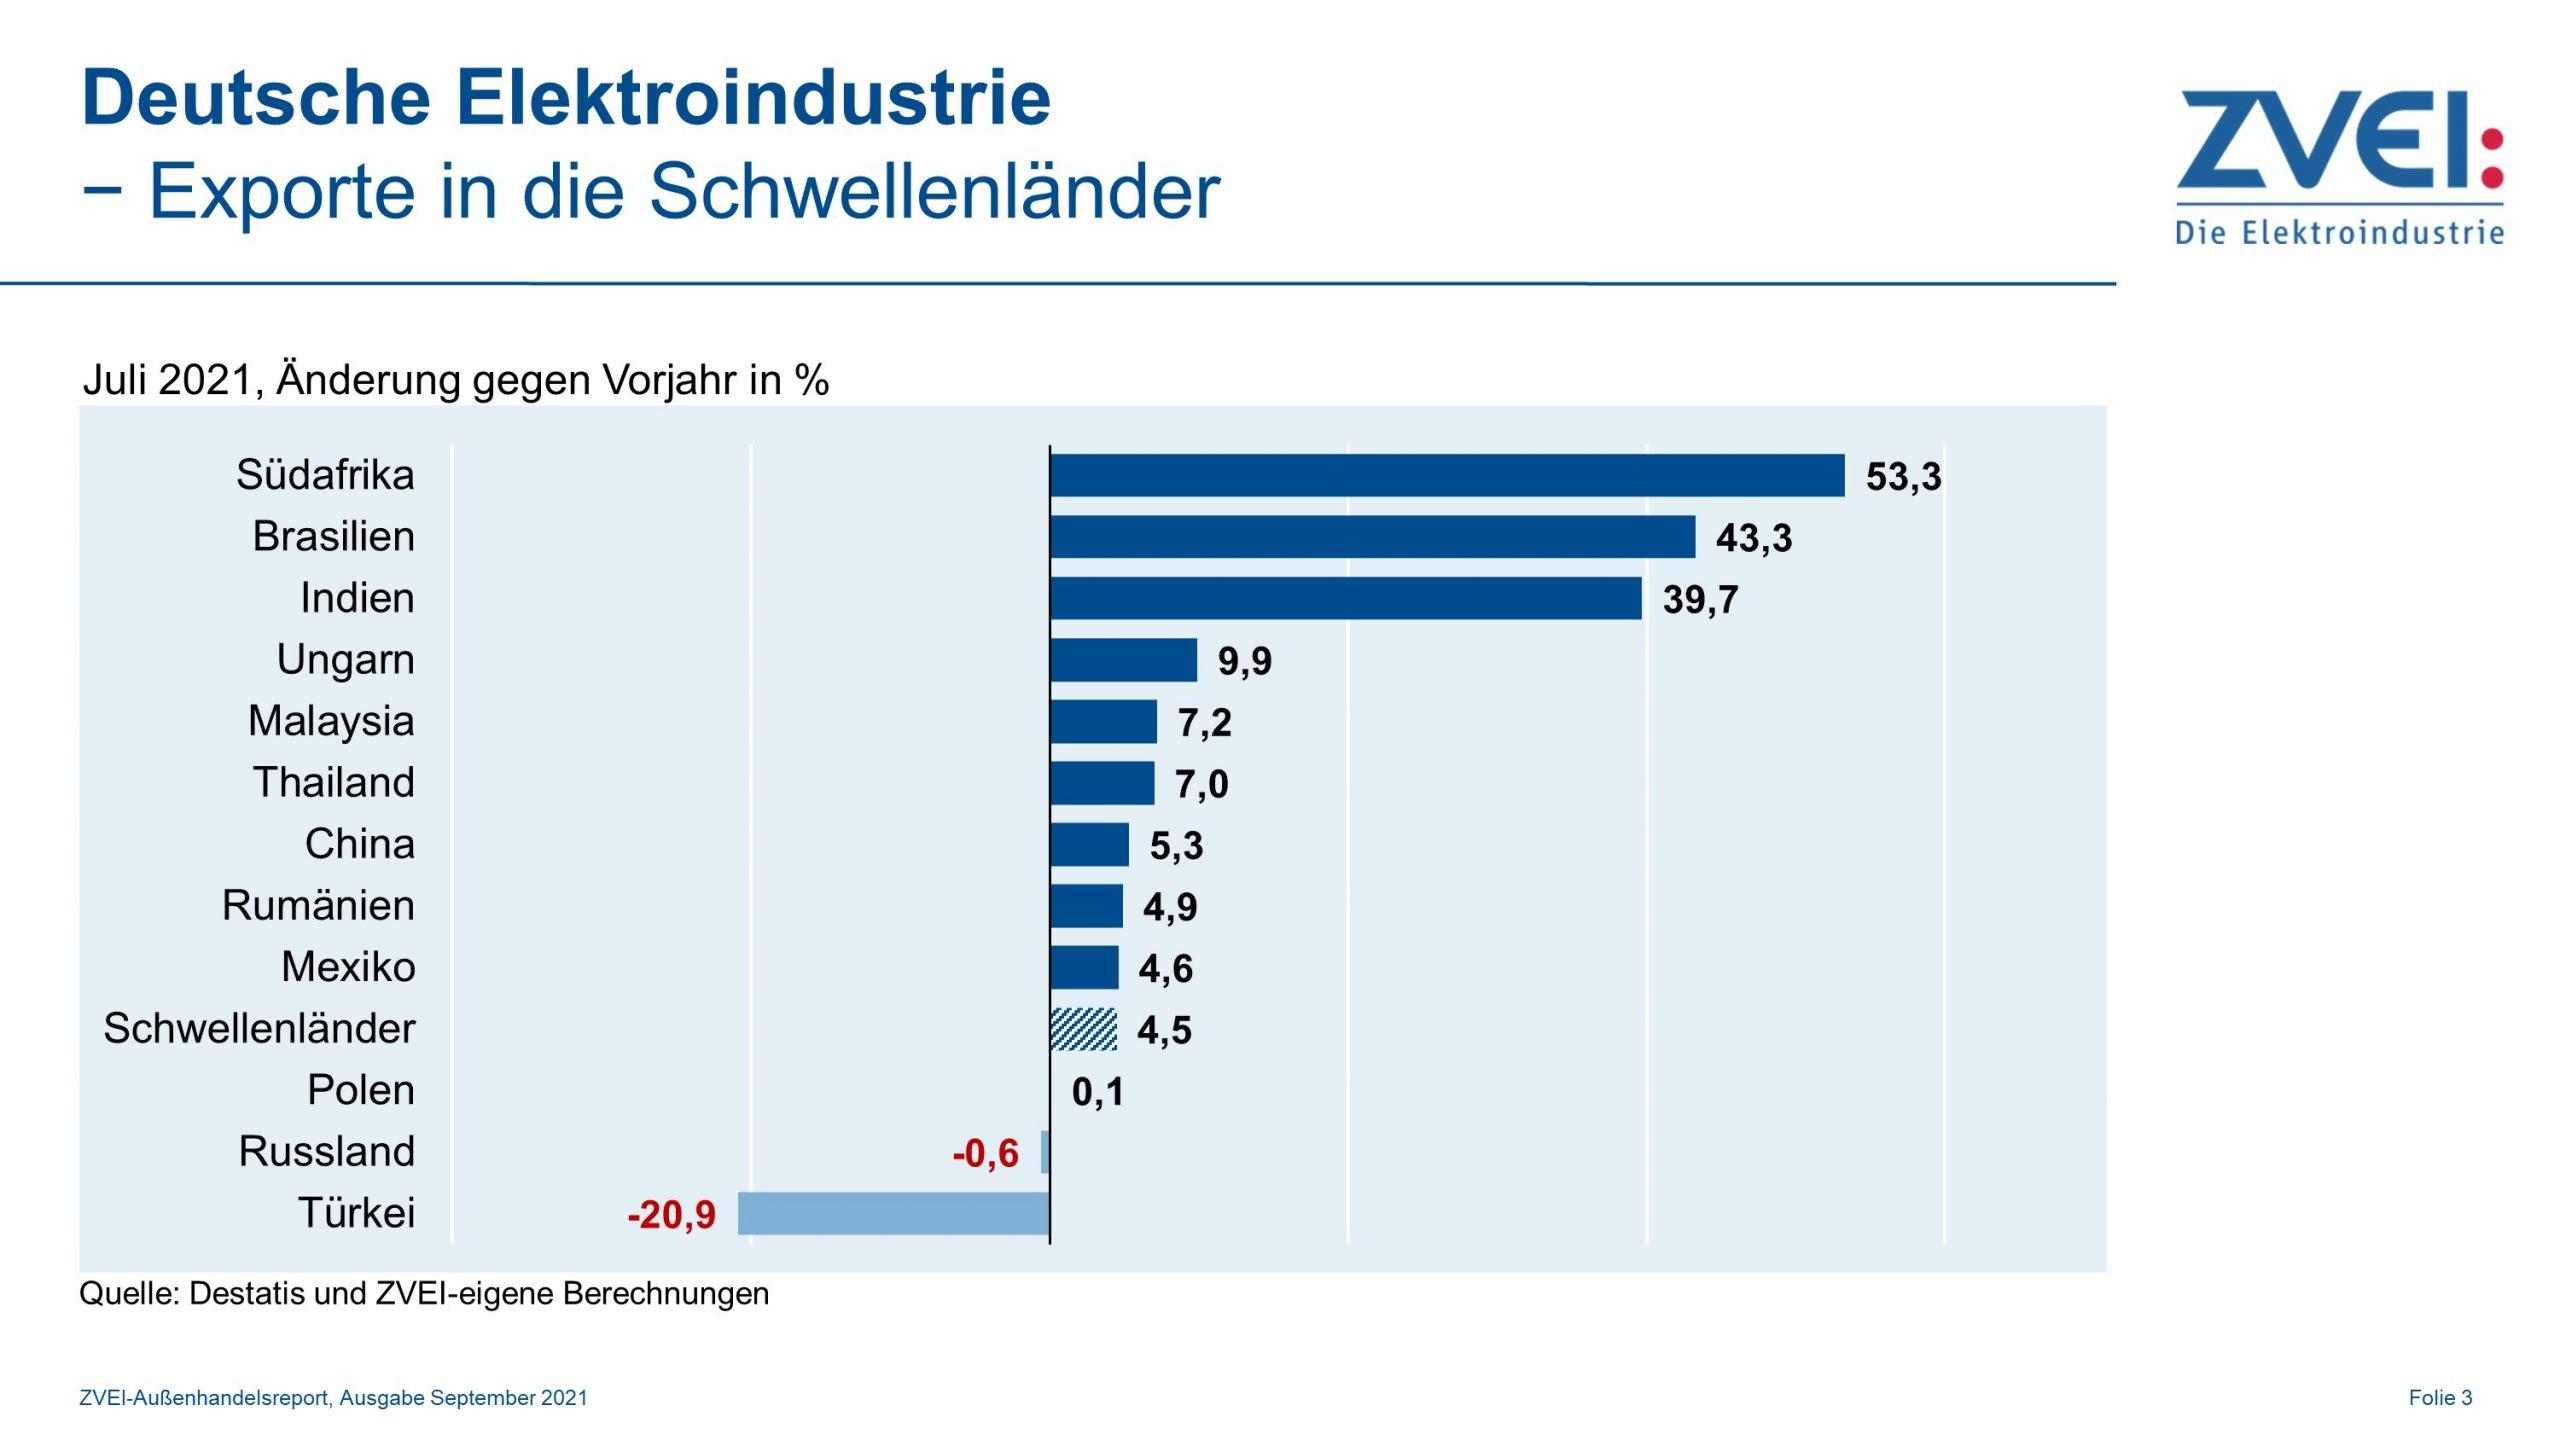 Elektroexporte in Schwellenländer im Juli 2021